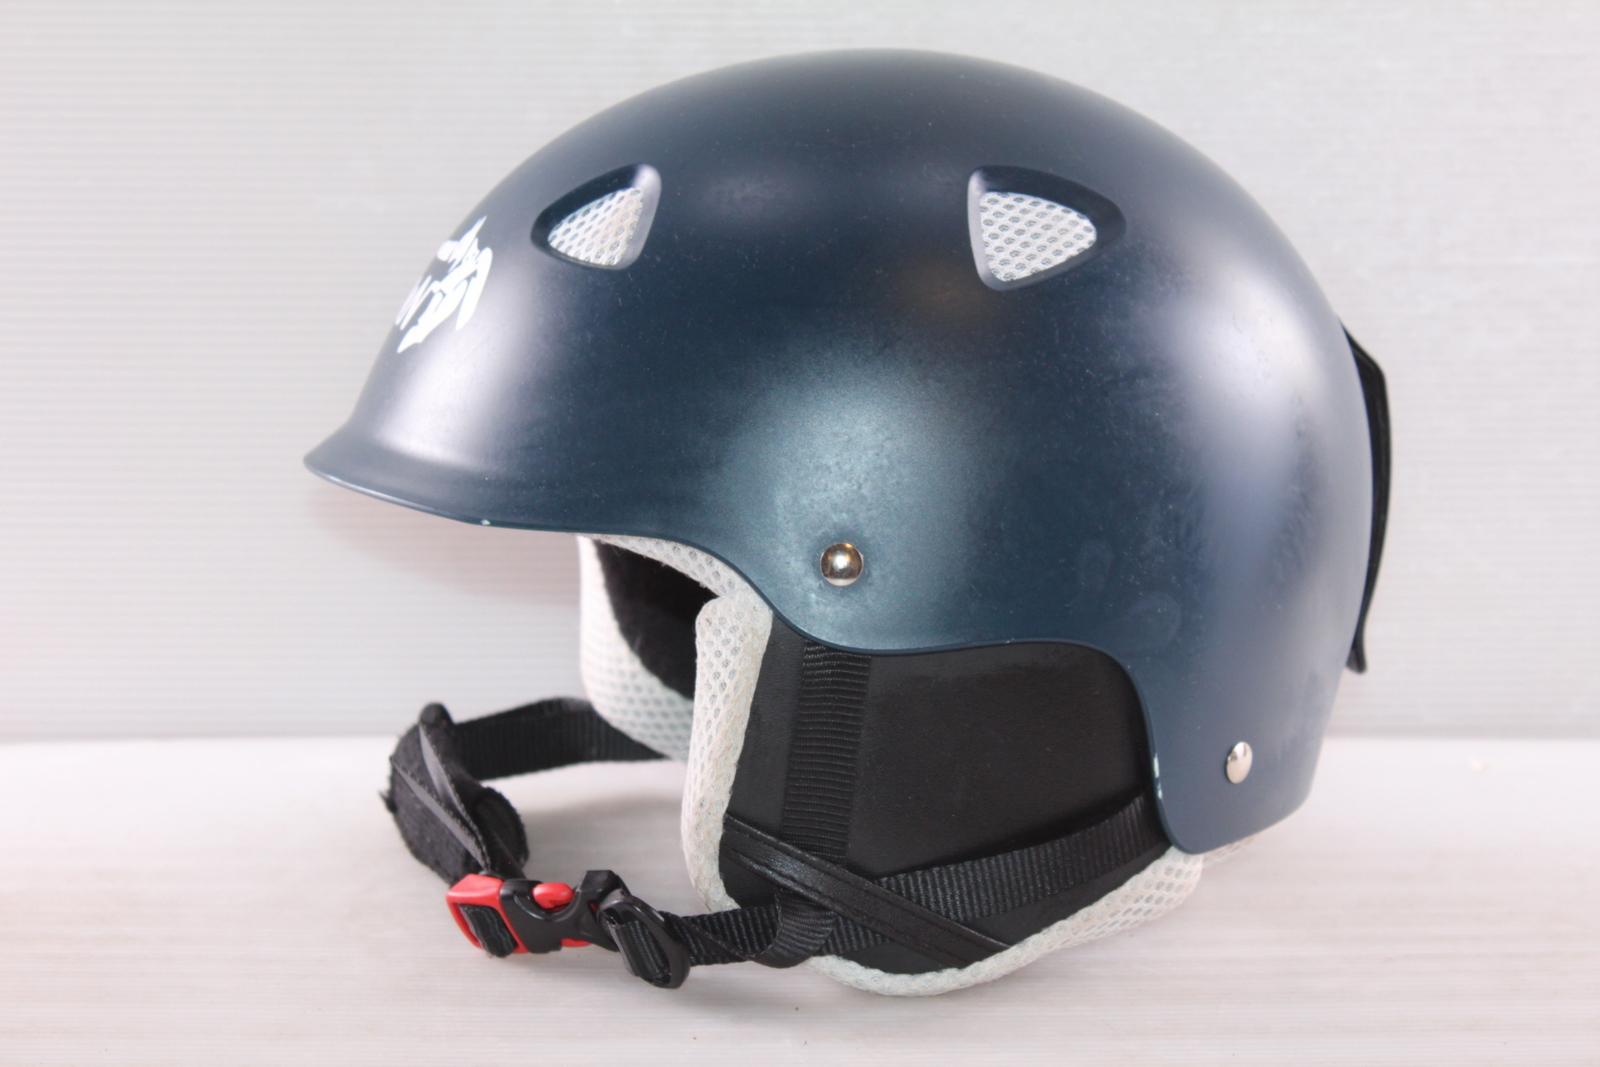 Dětská lyžařská helma DMN DMN - posuvná vel. 56 - 59